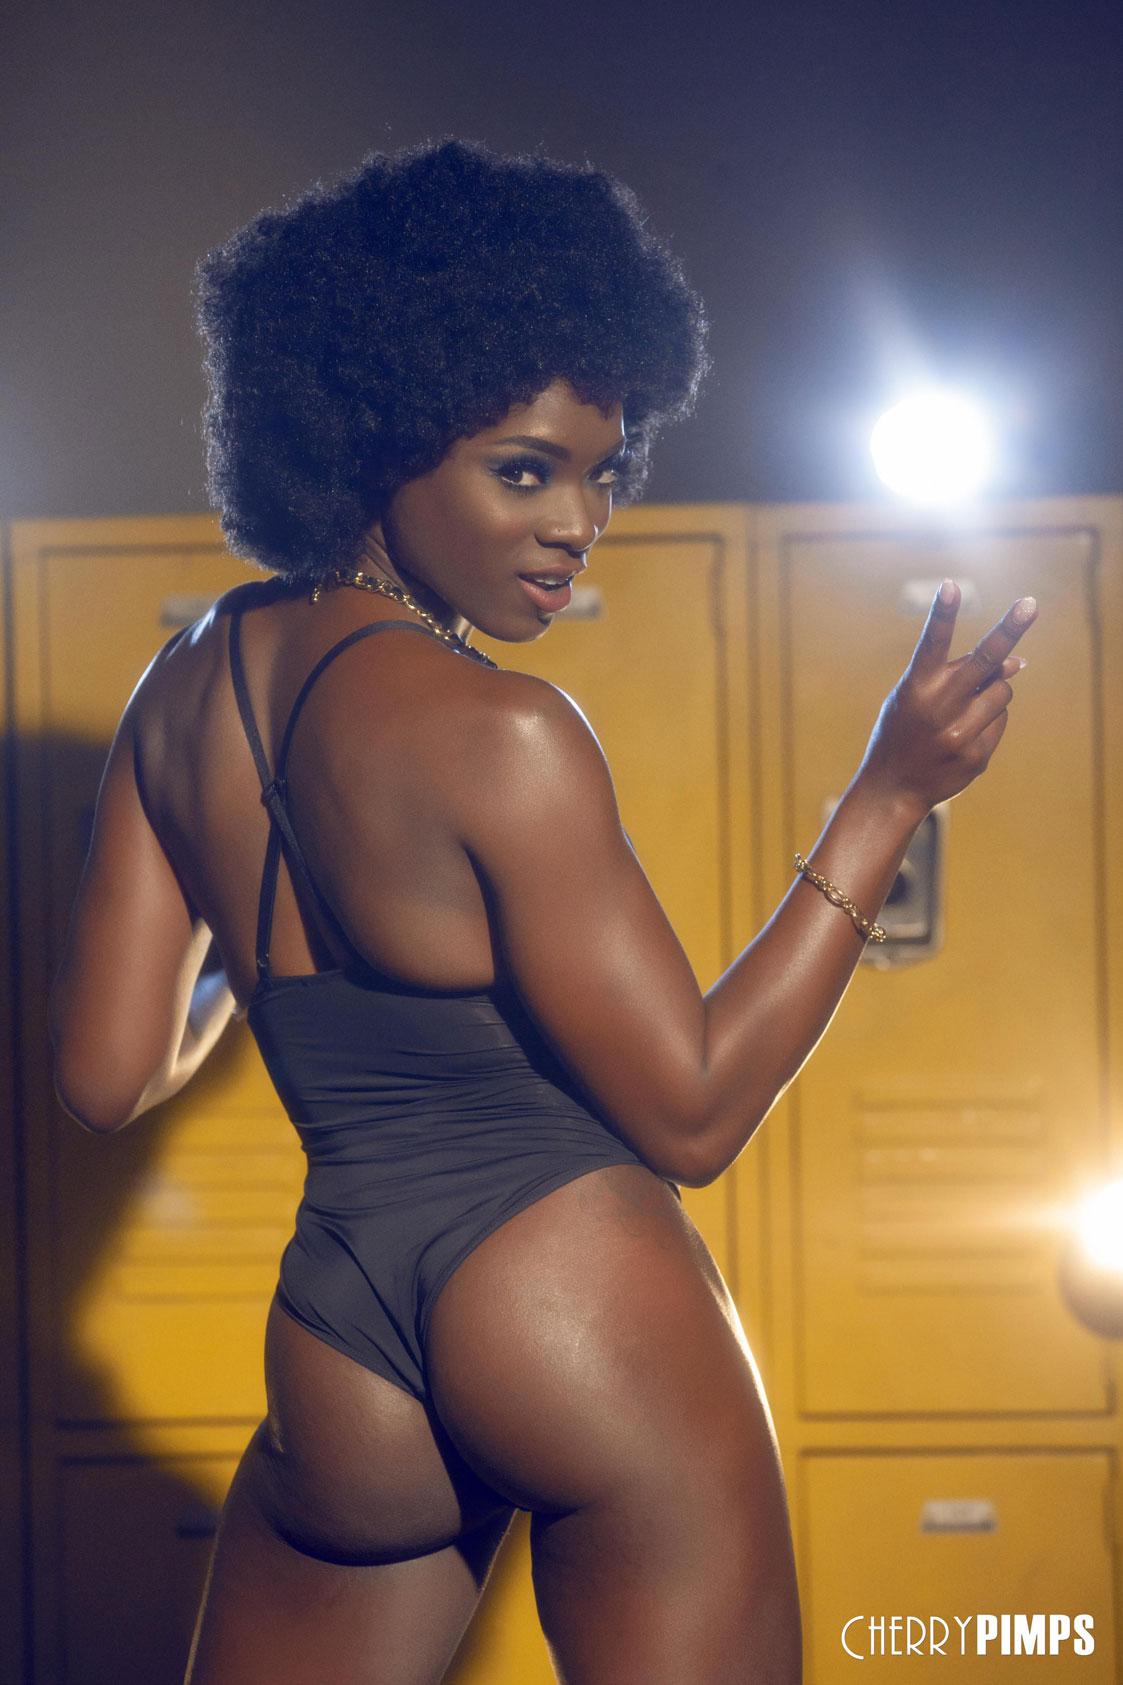 Ana Foxxx Pics ana-foxxx-nude-in-the-locker-room2 « erocurves